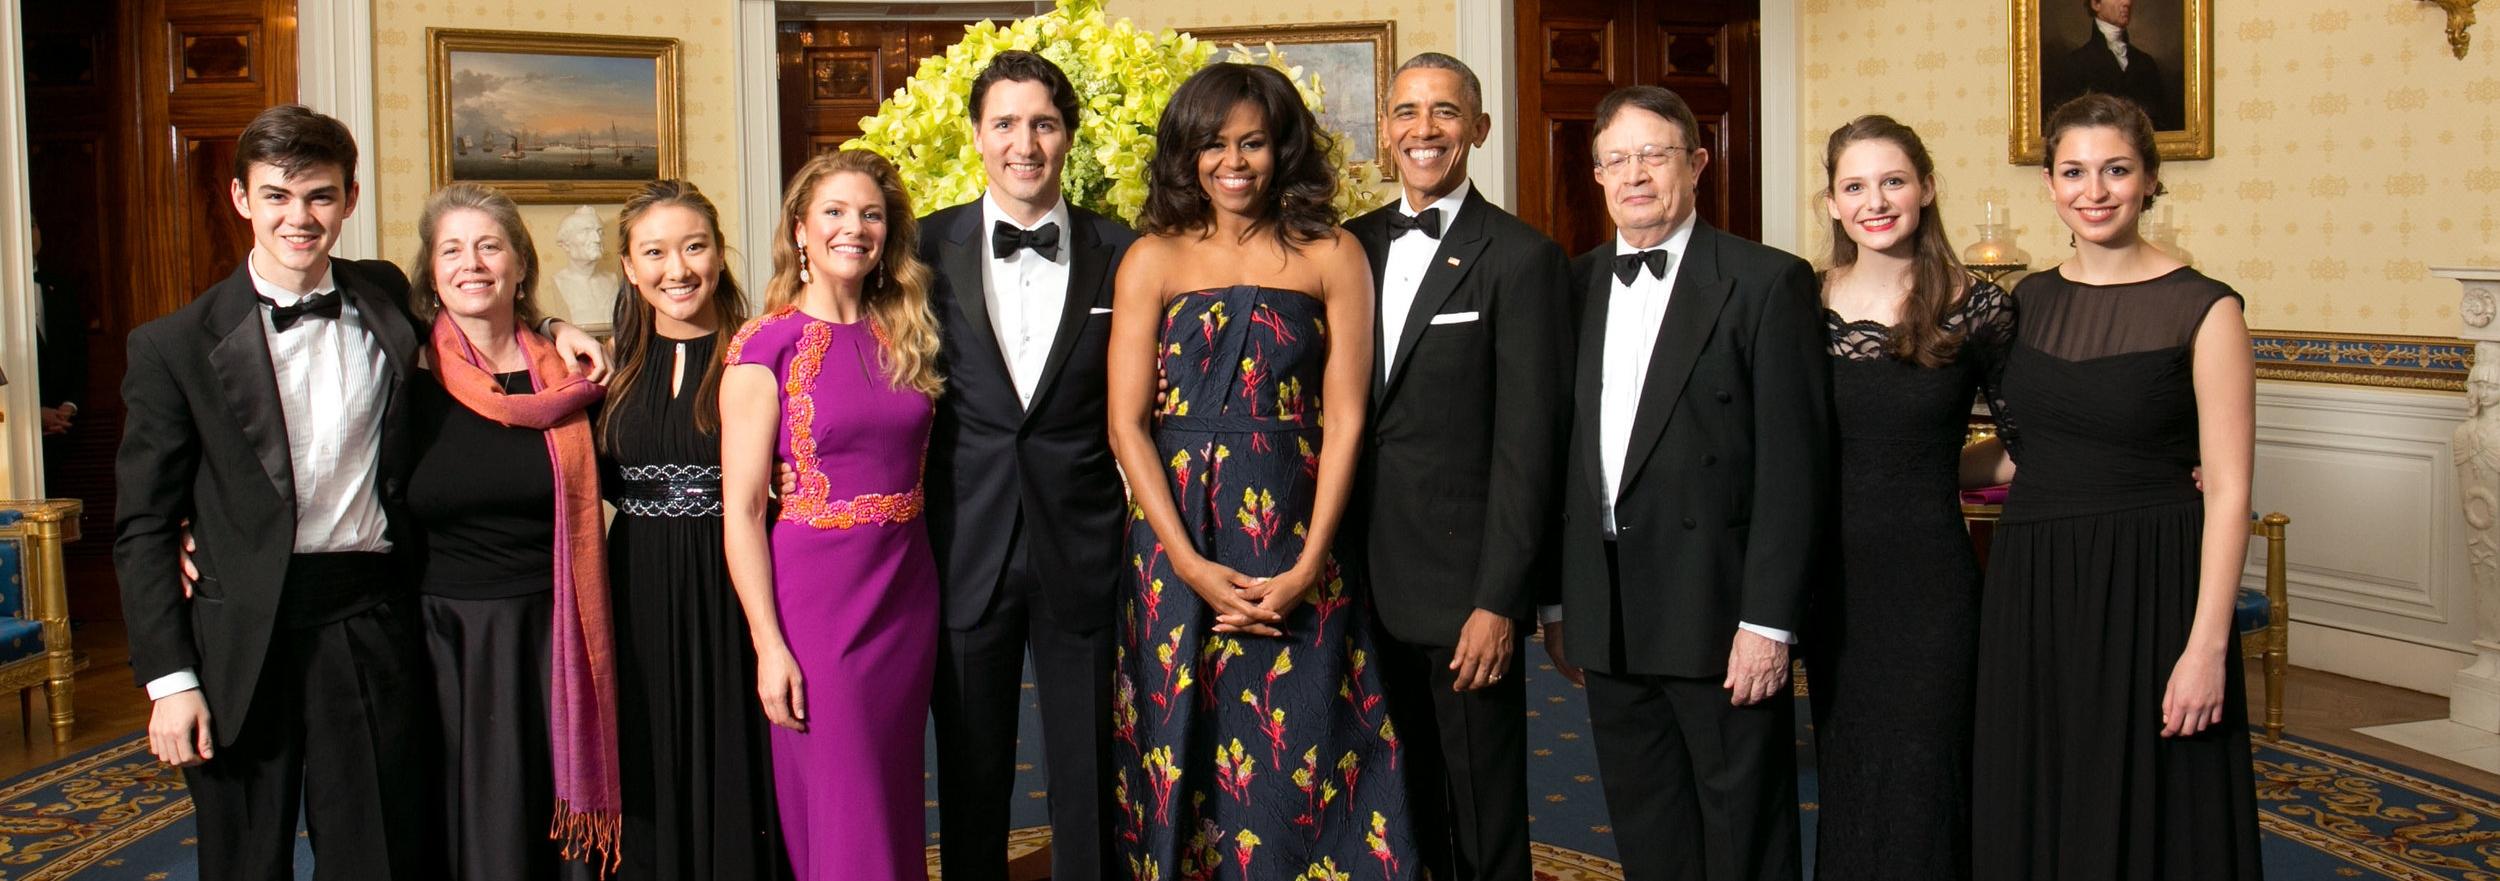 State Dinner Quartet Photo.jpg